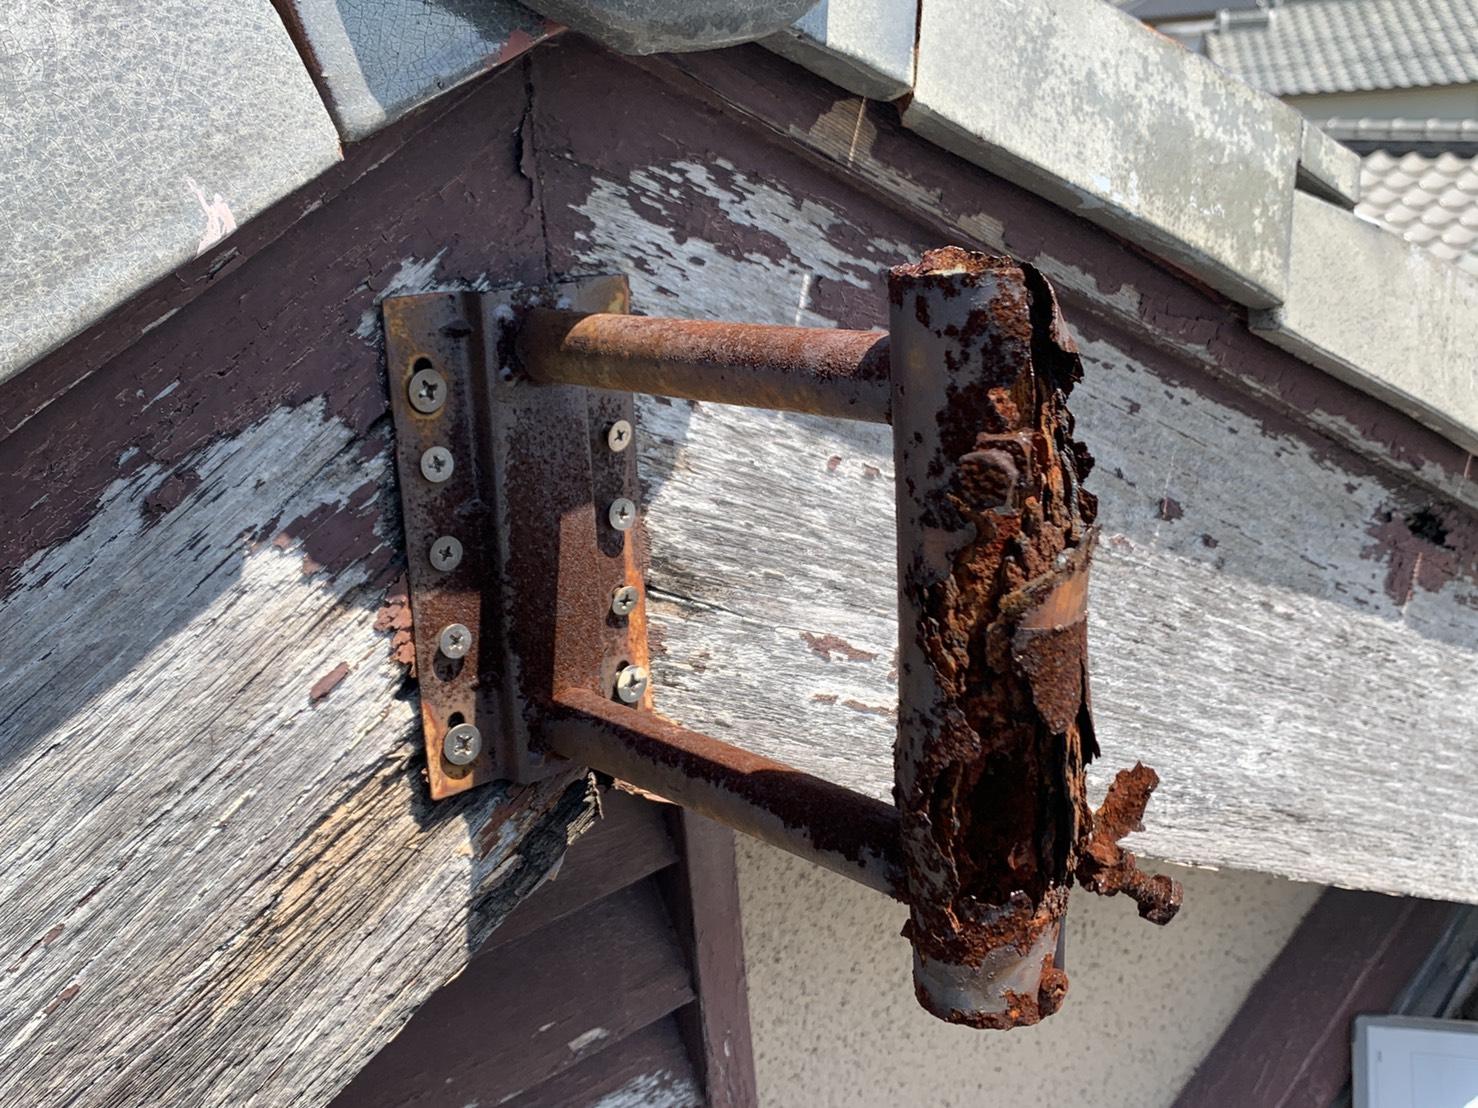 強風でアンテナが倒れた原因の錆び付いた固定金具